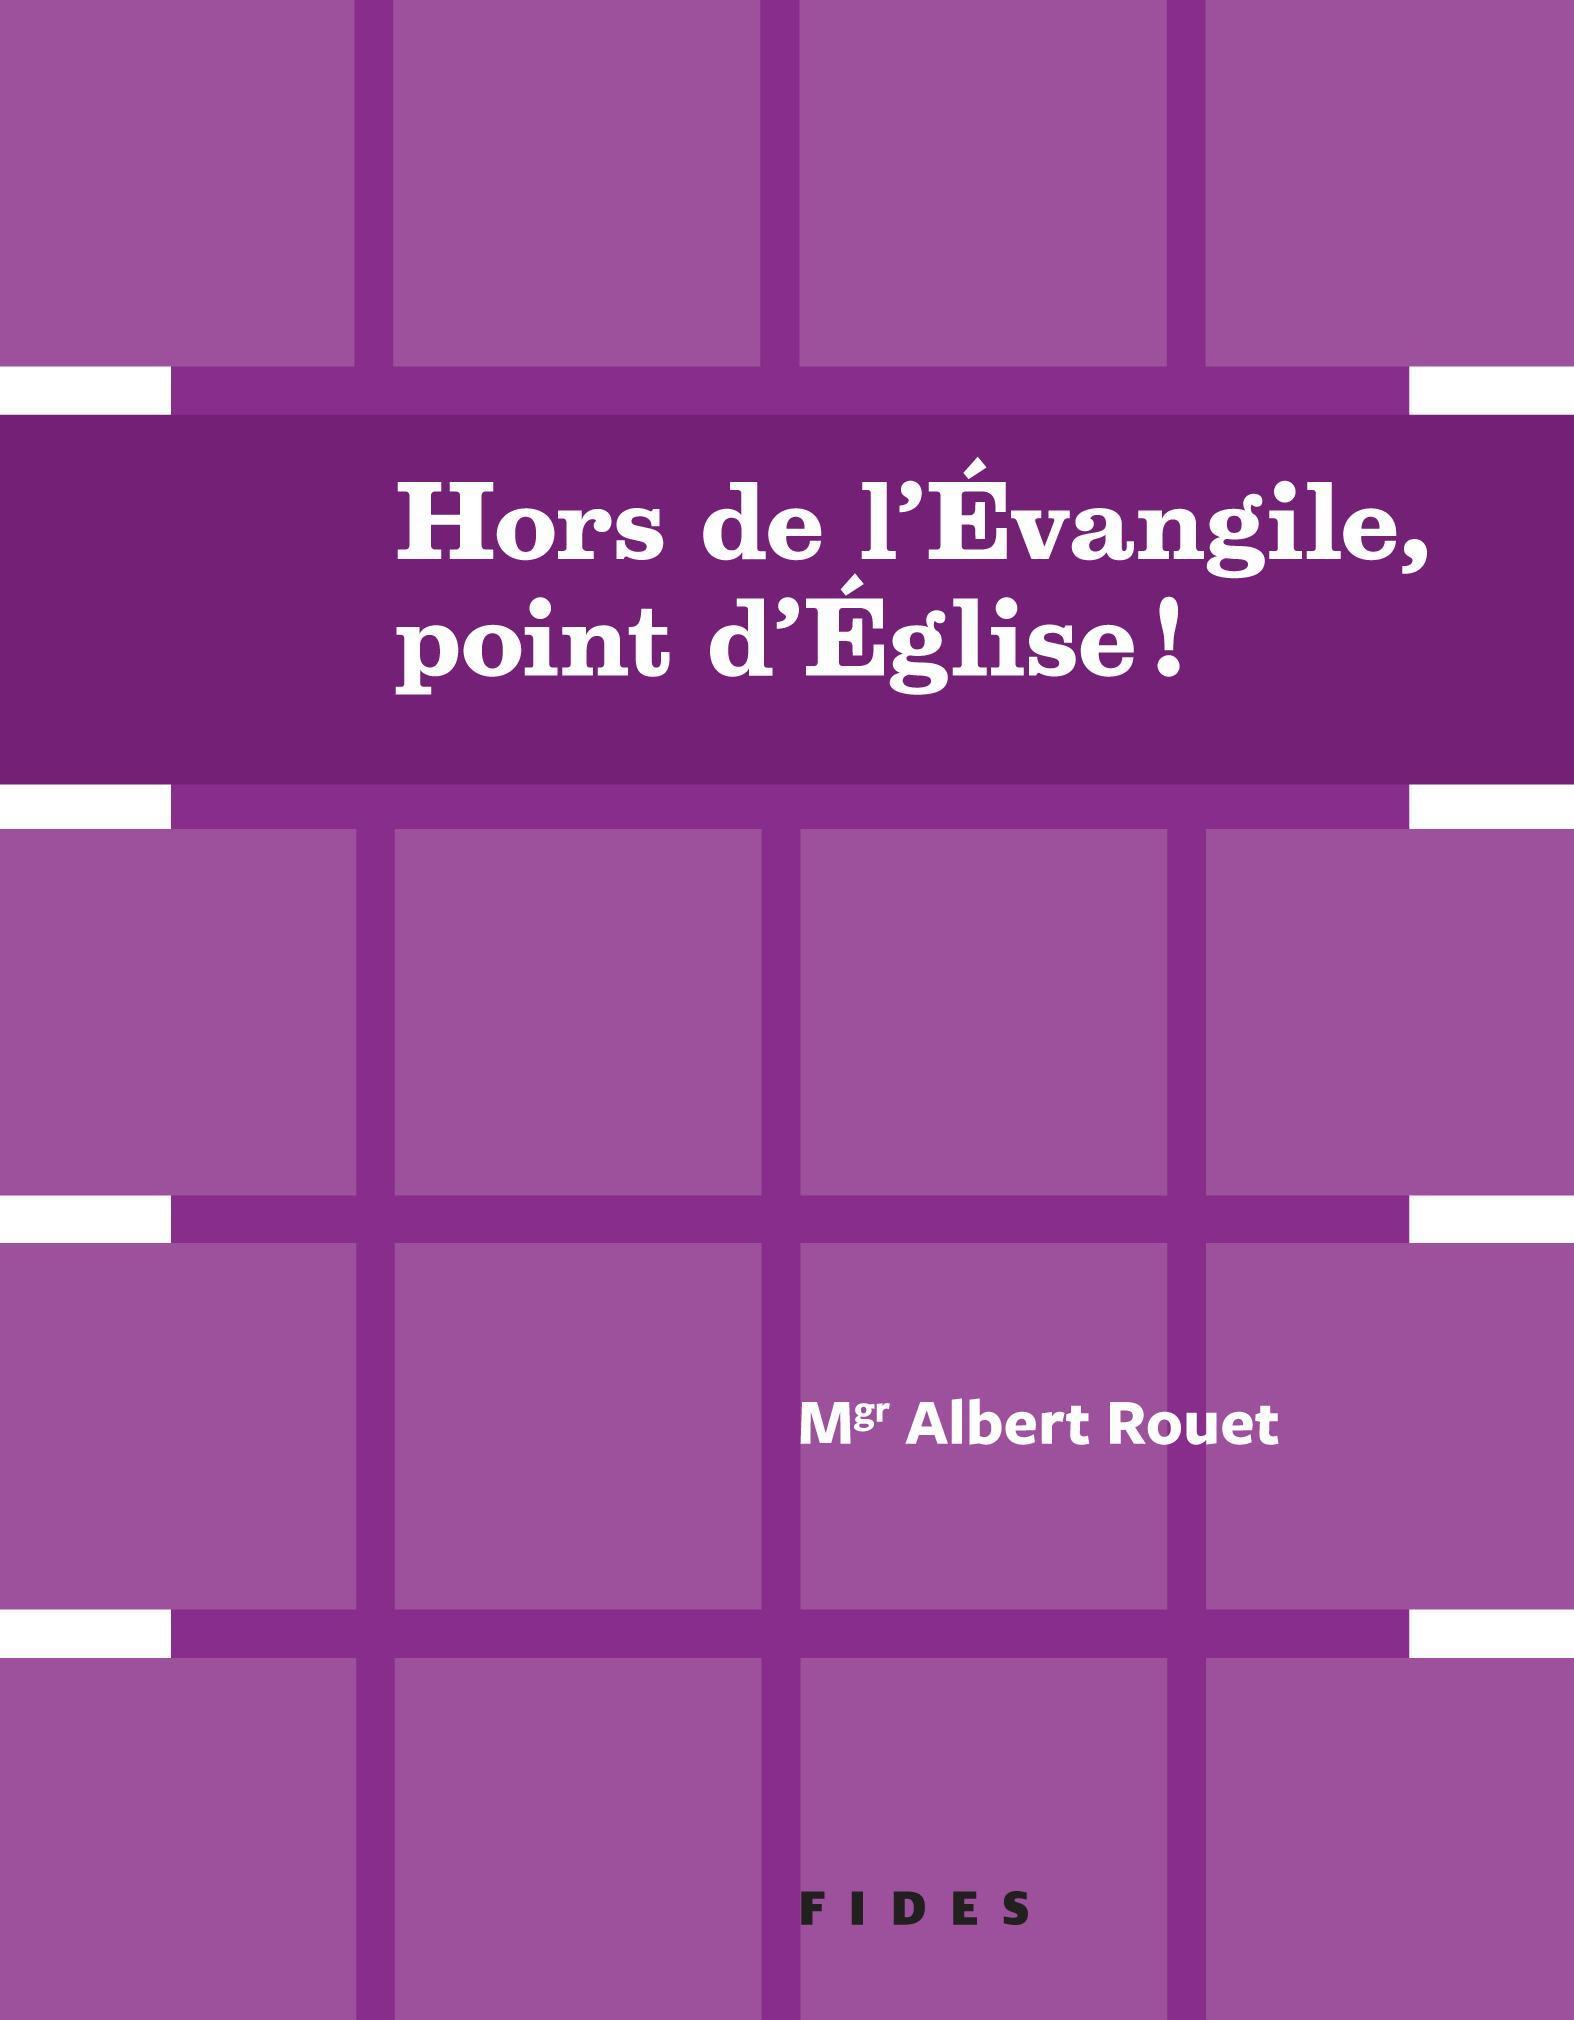 Hors de l'évangile, point d'Église!, Deux conférences de Mgr Albert Rouet